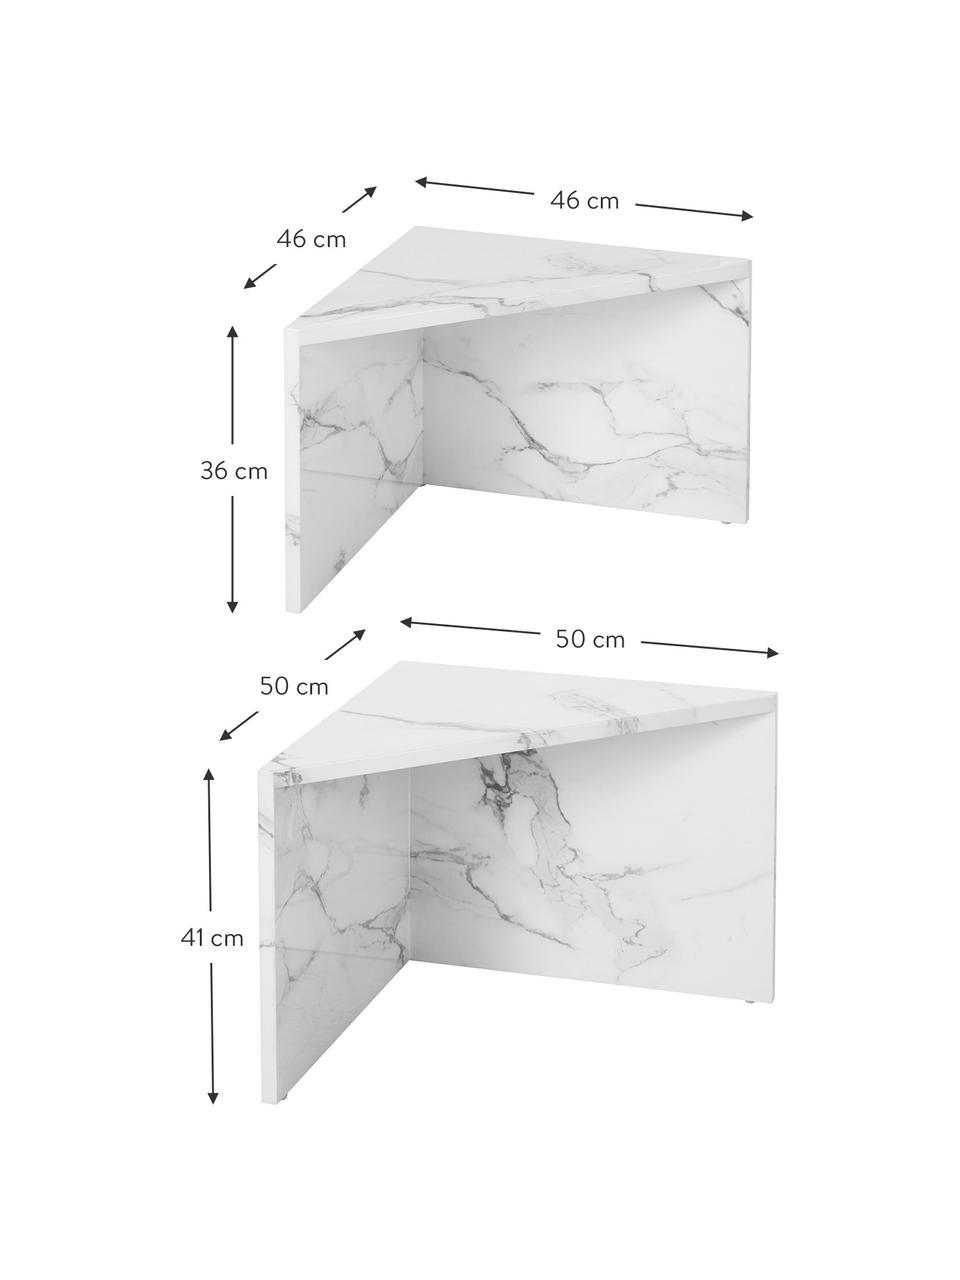 Salontafelset Vilma in marmerlook, 2-delig, MDF bedekt met gelakt papier in marmerlook, Wit, gemarmerd, glanzend, Set met verschillende formaten